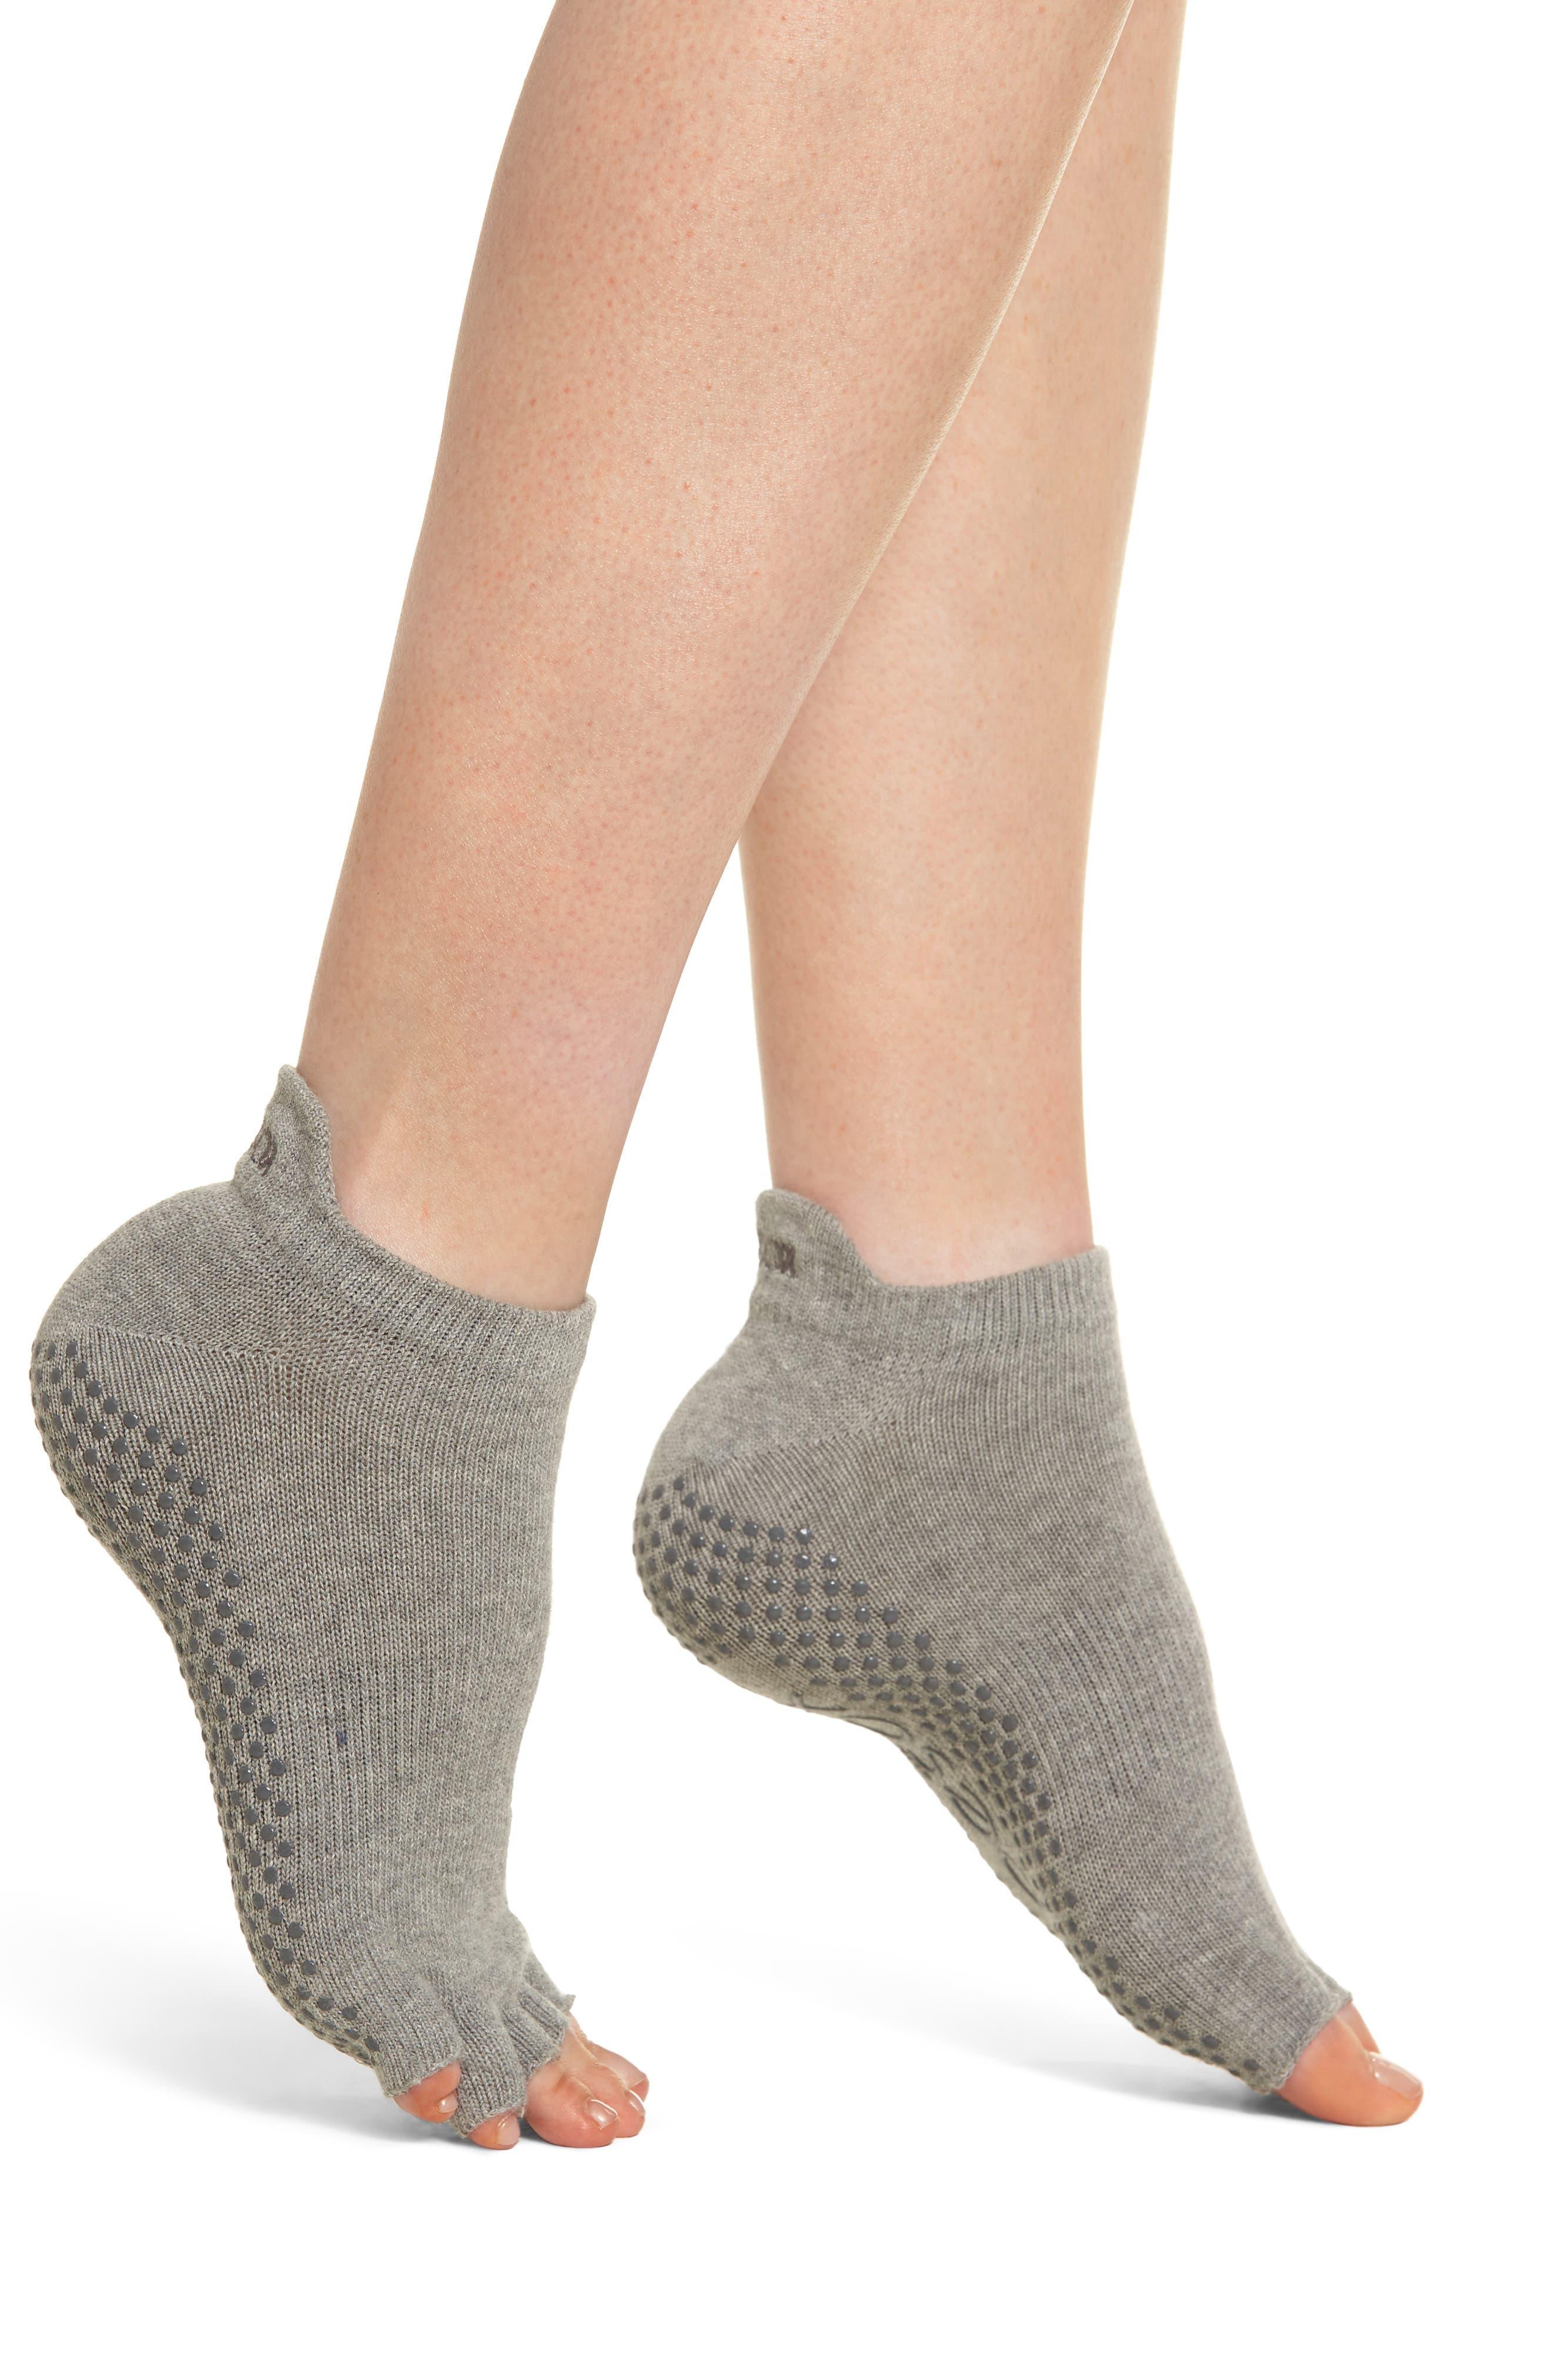 Low Rise Half-Toe Gripper Socks,                         Main,                         color, 050